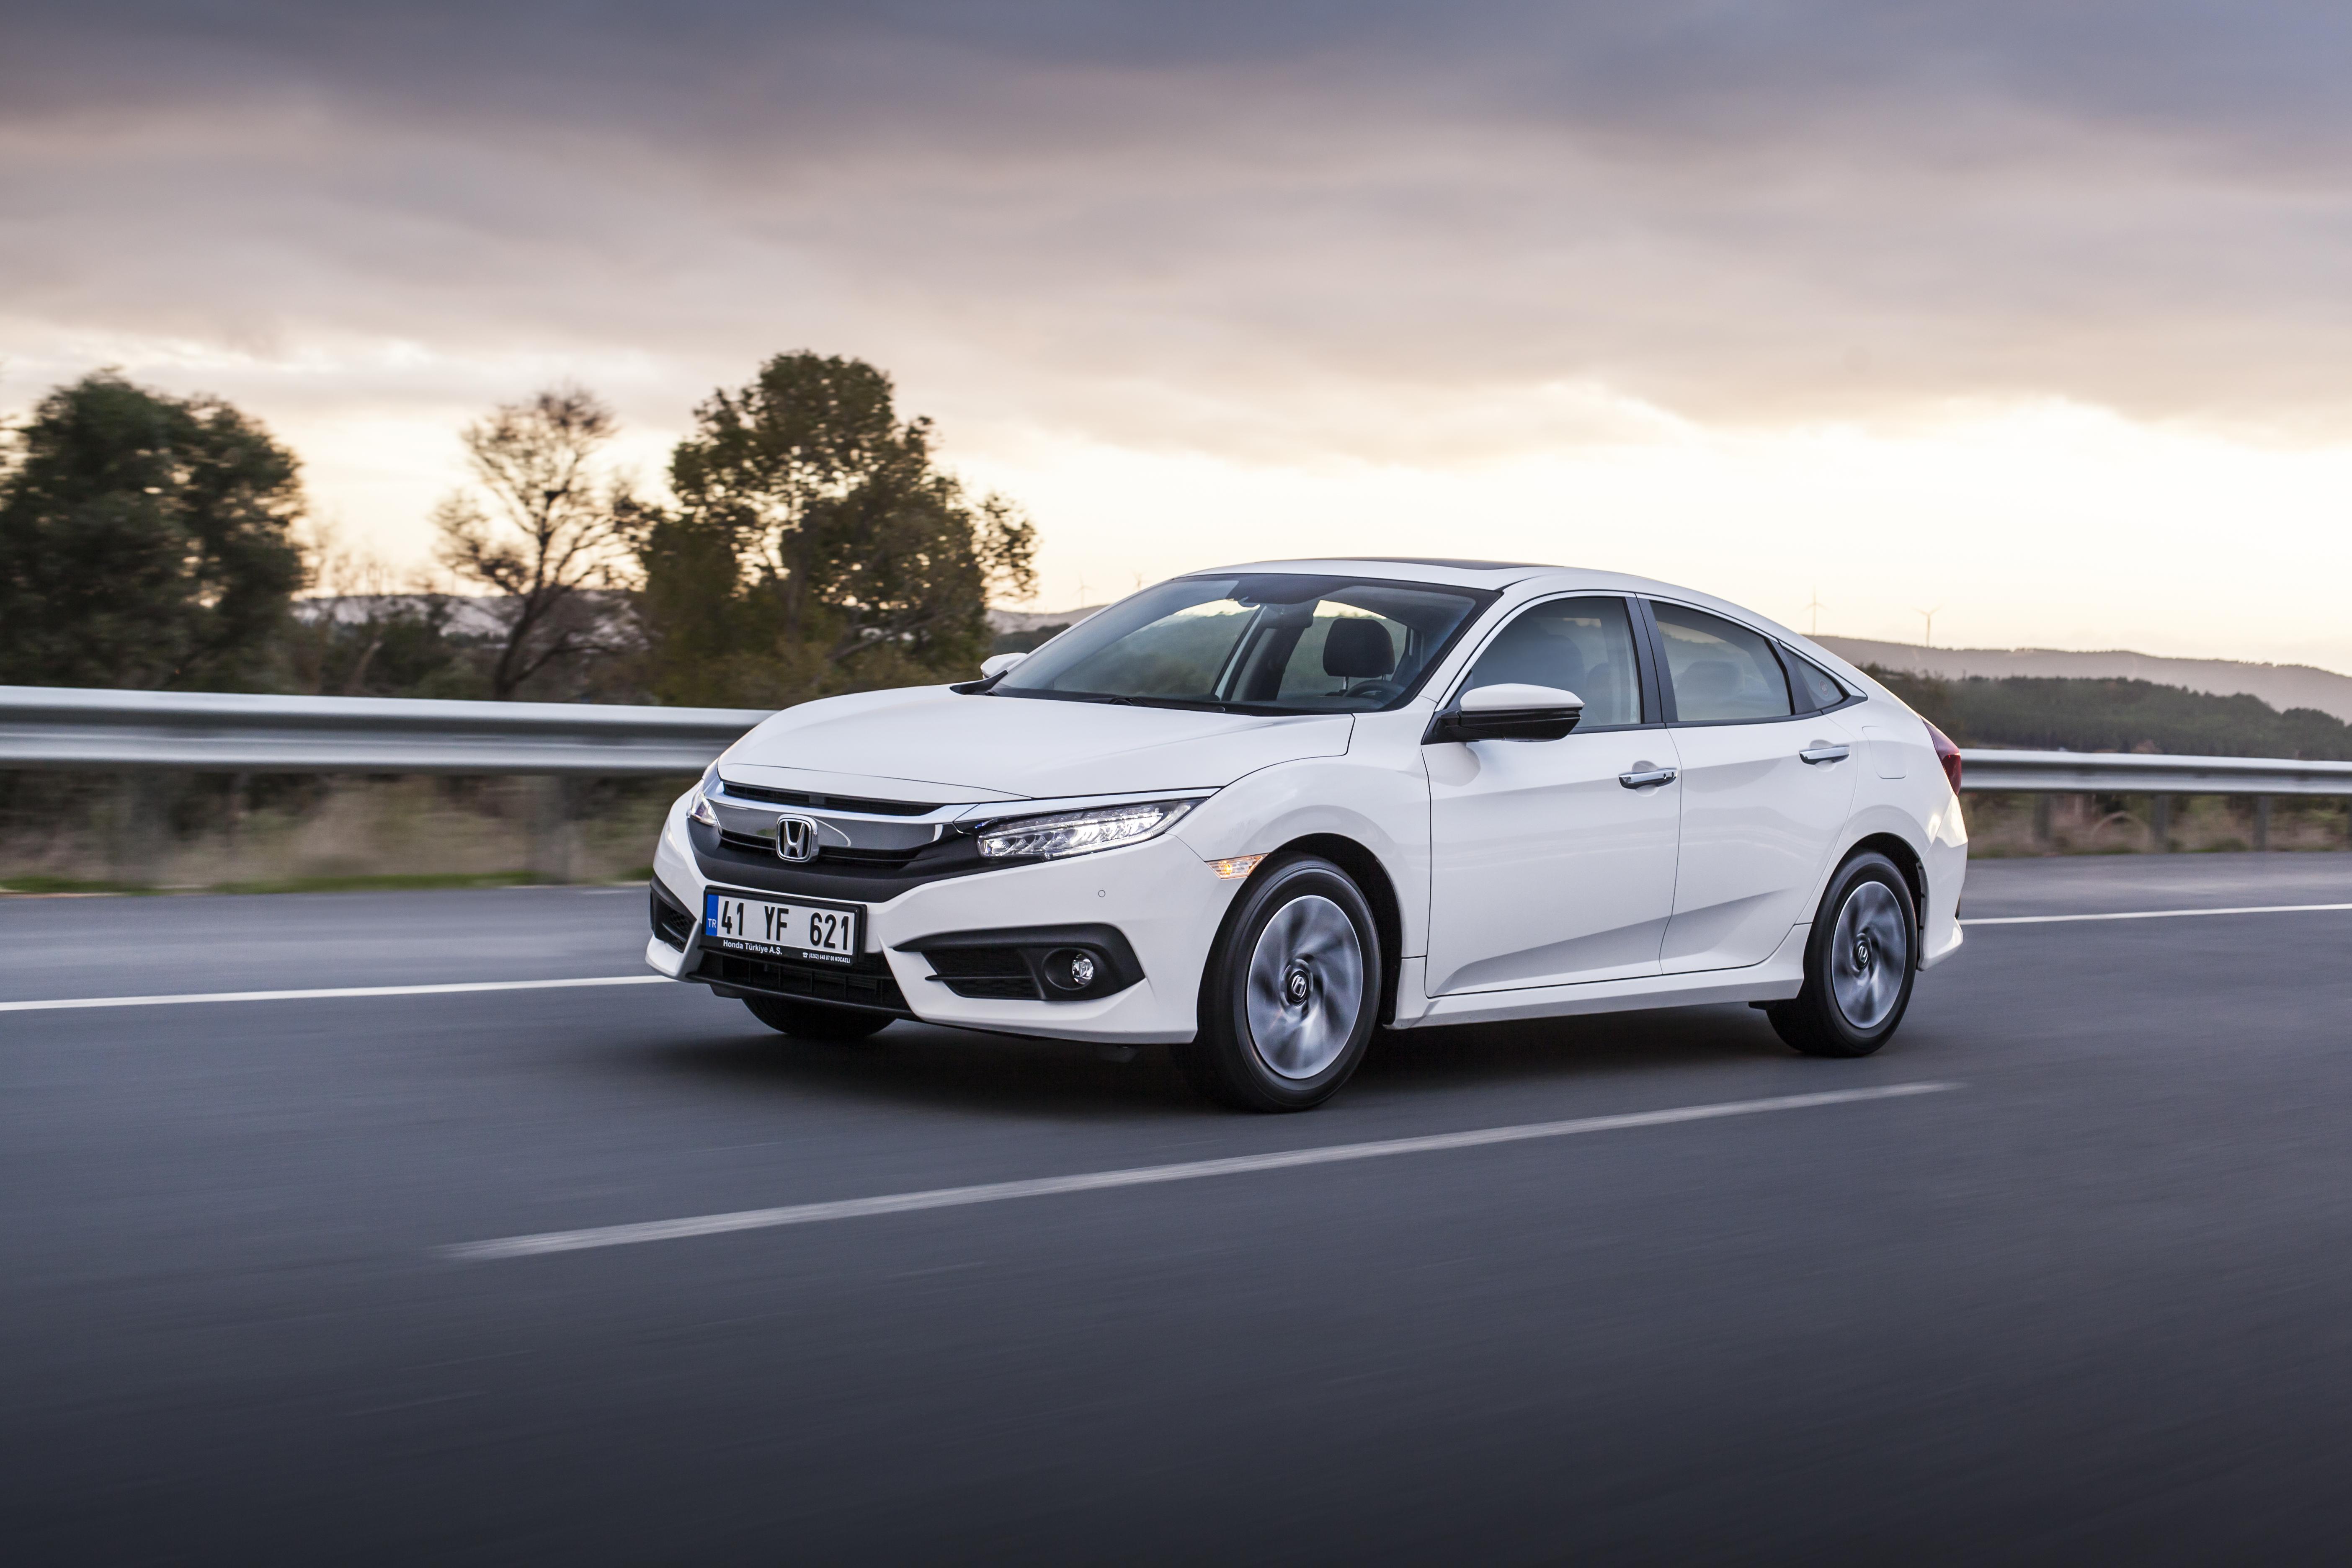 Aralık ayında Civic Sedan'ın ÖTV farkını Honda Karşılıyor